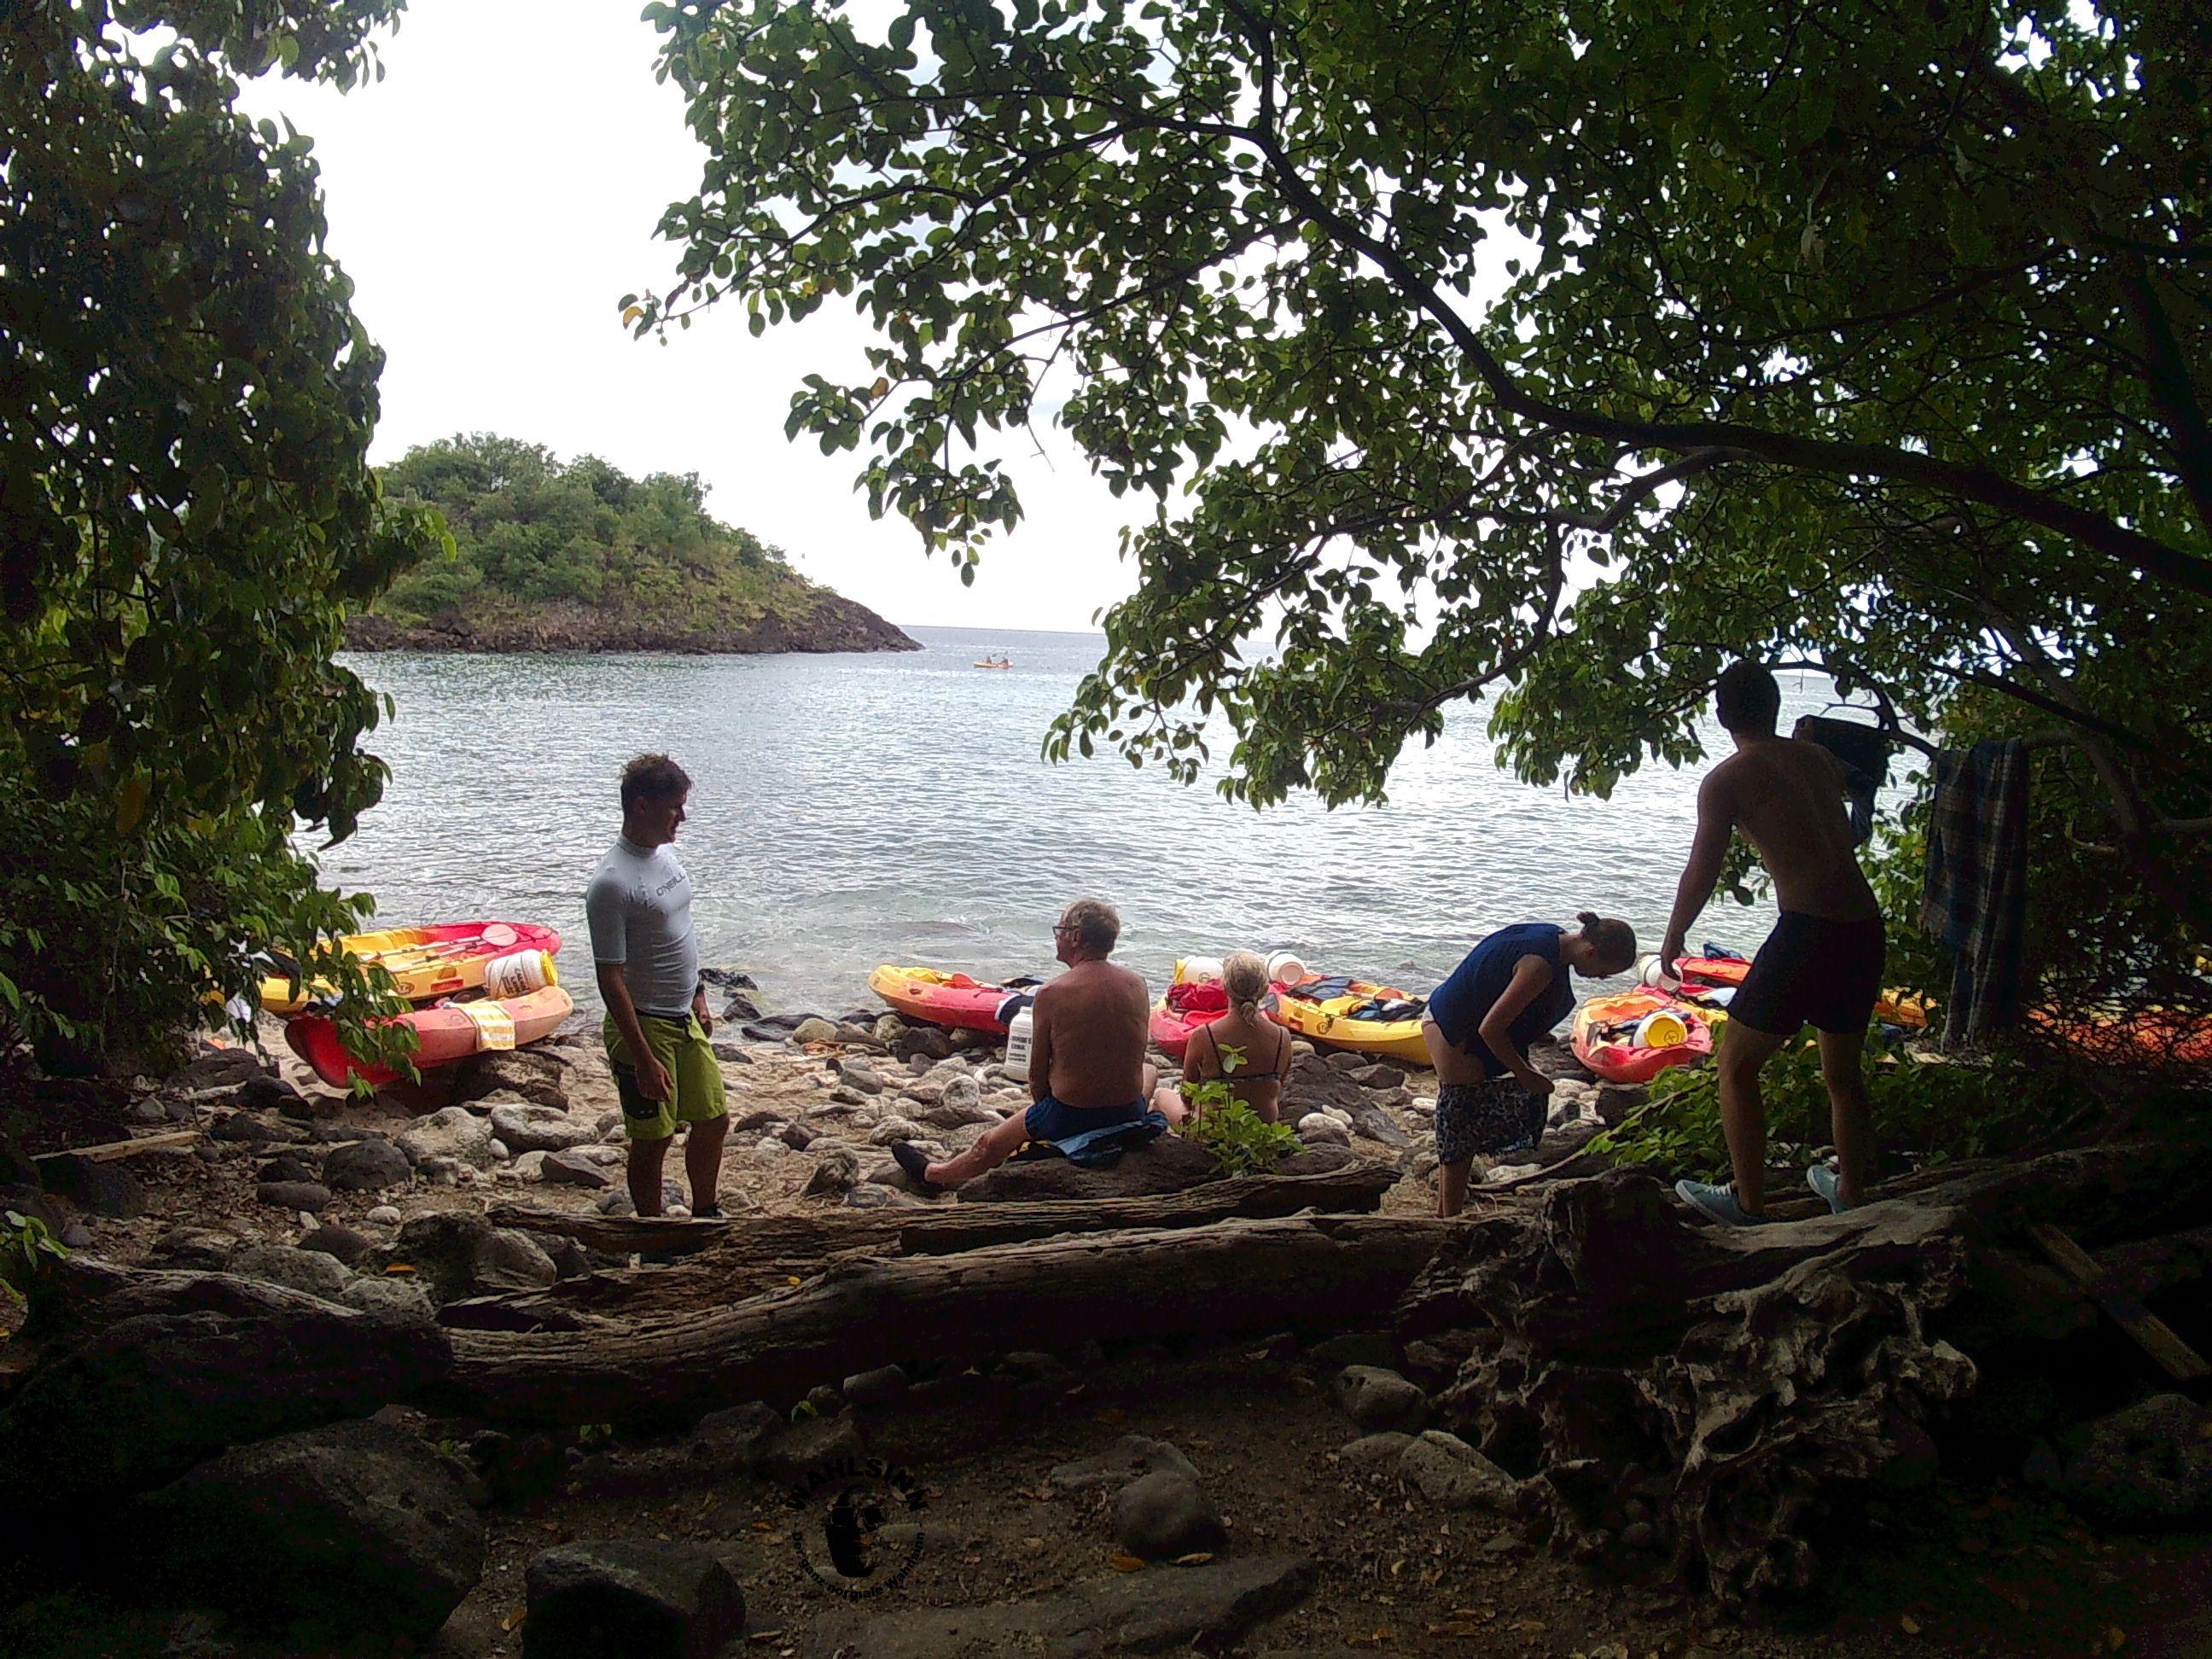 Guadeloupe - eine kleine vorgelagerte Insel die nur mit Boot oder Kayaks erreichbar ist